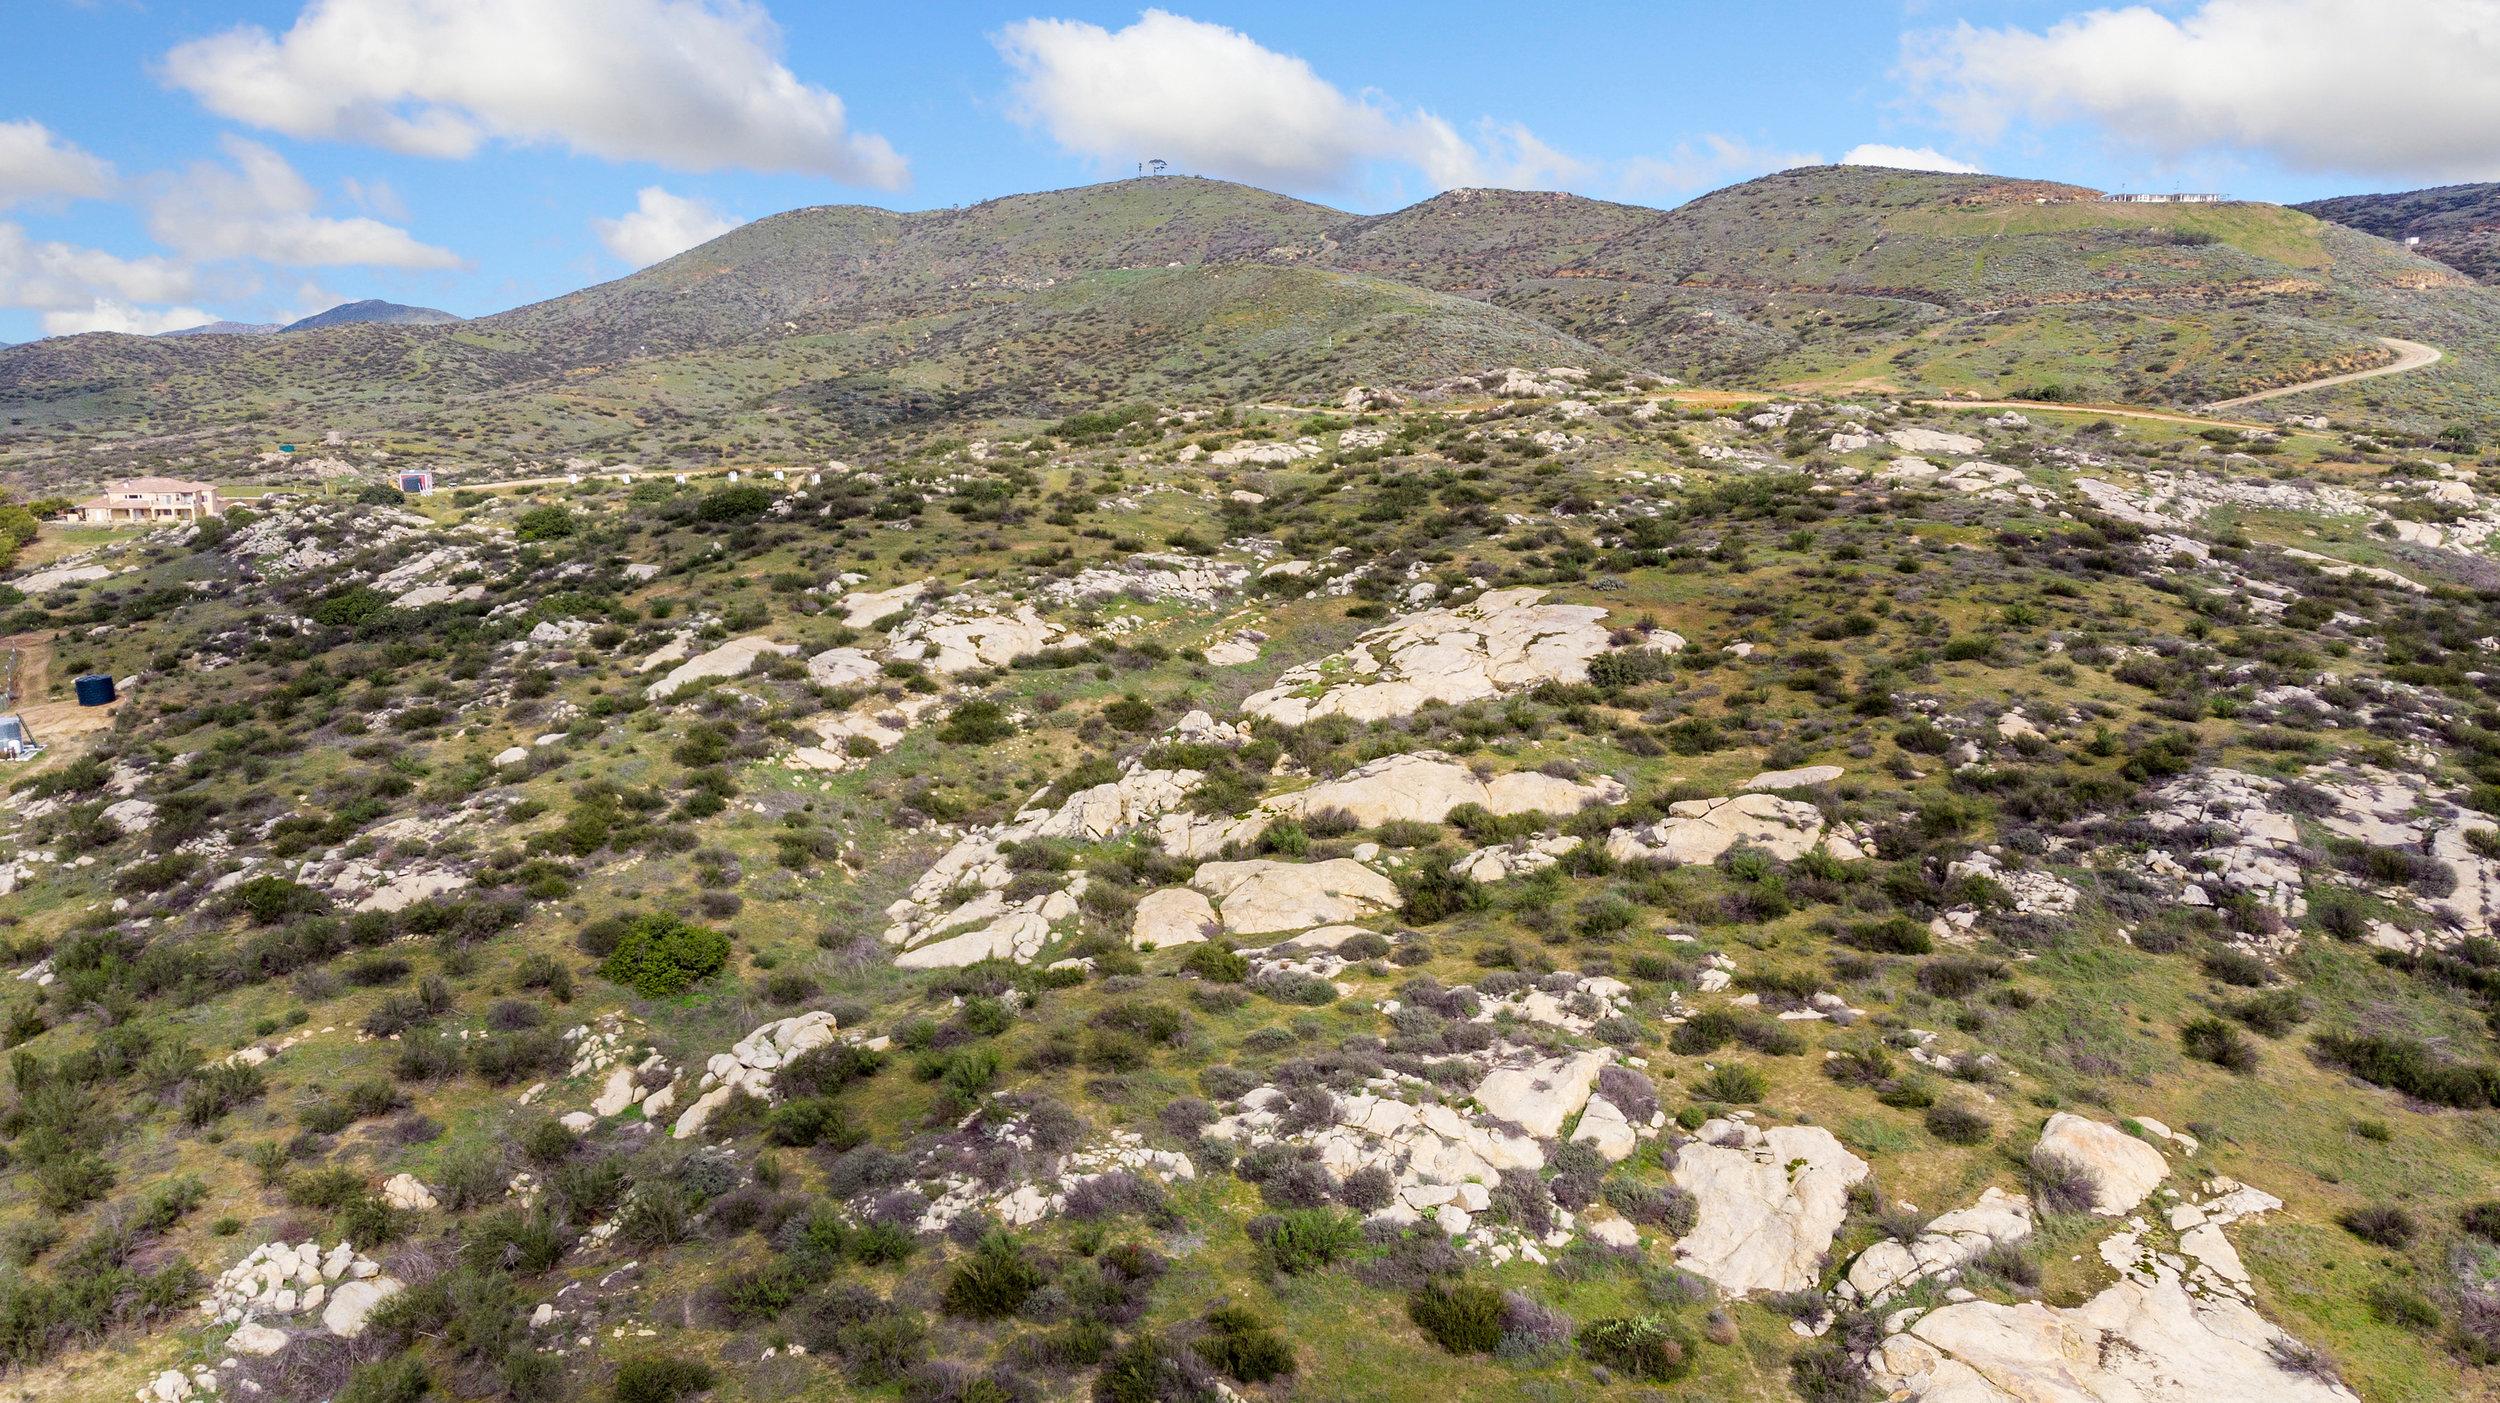 006_Aerial Terrain View.jpg